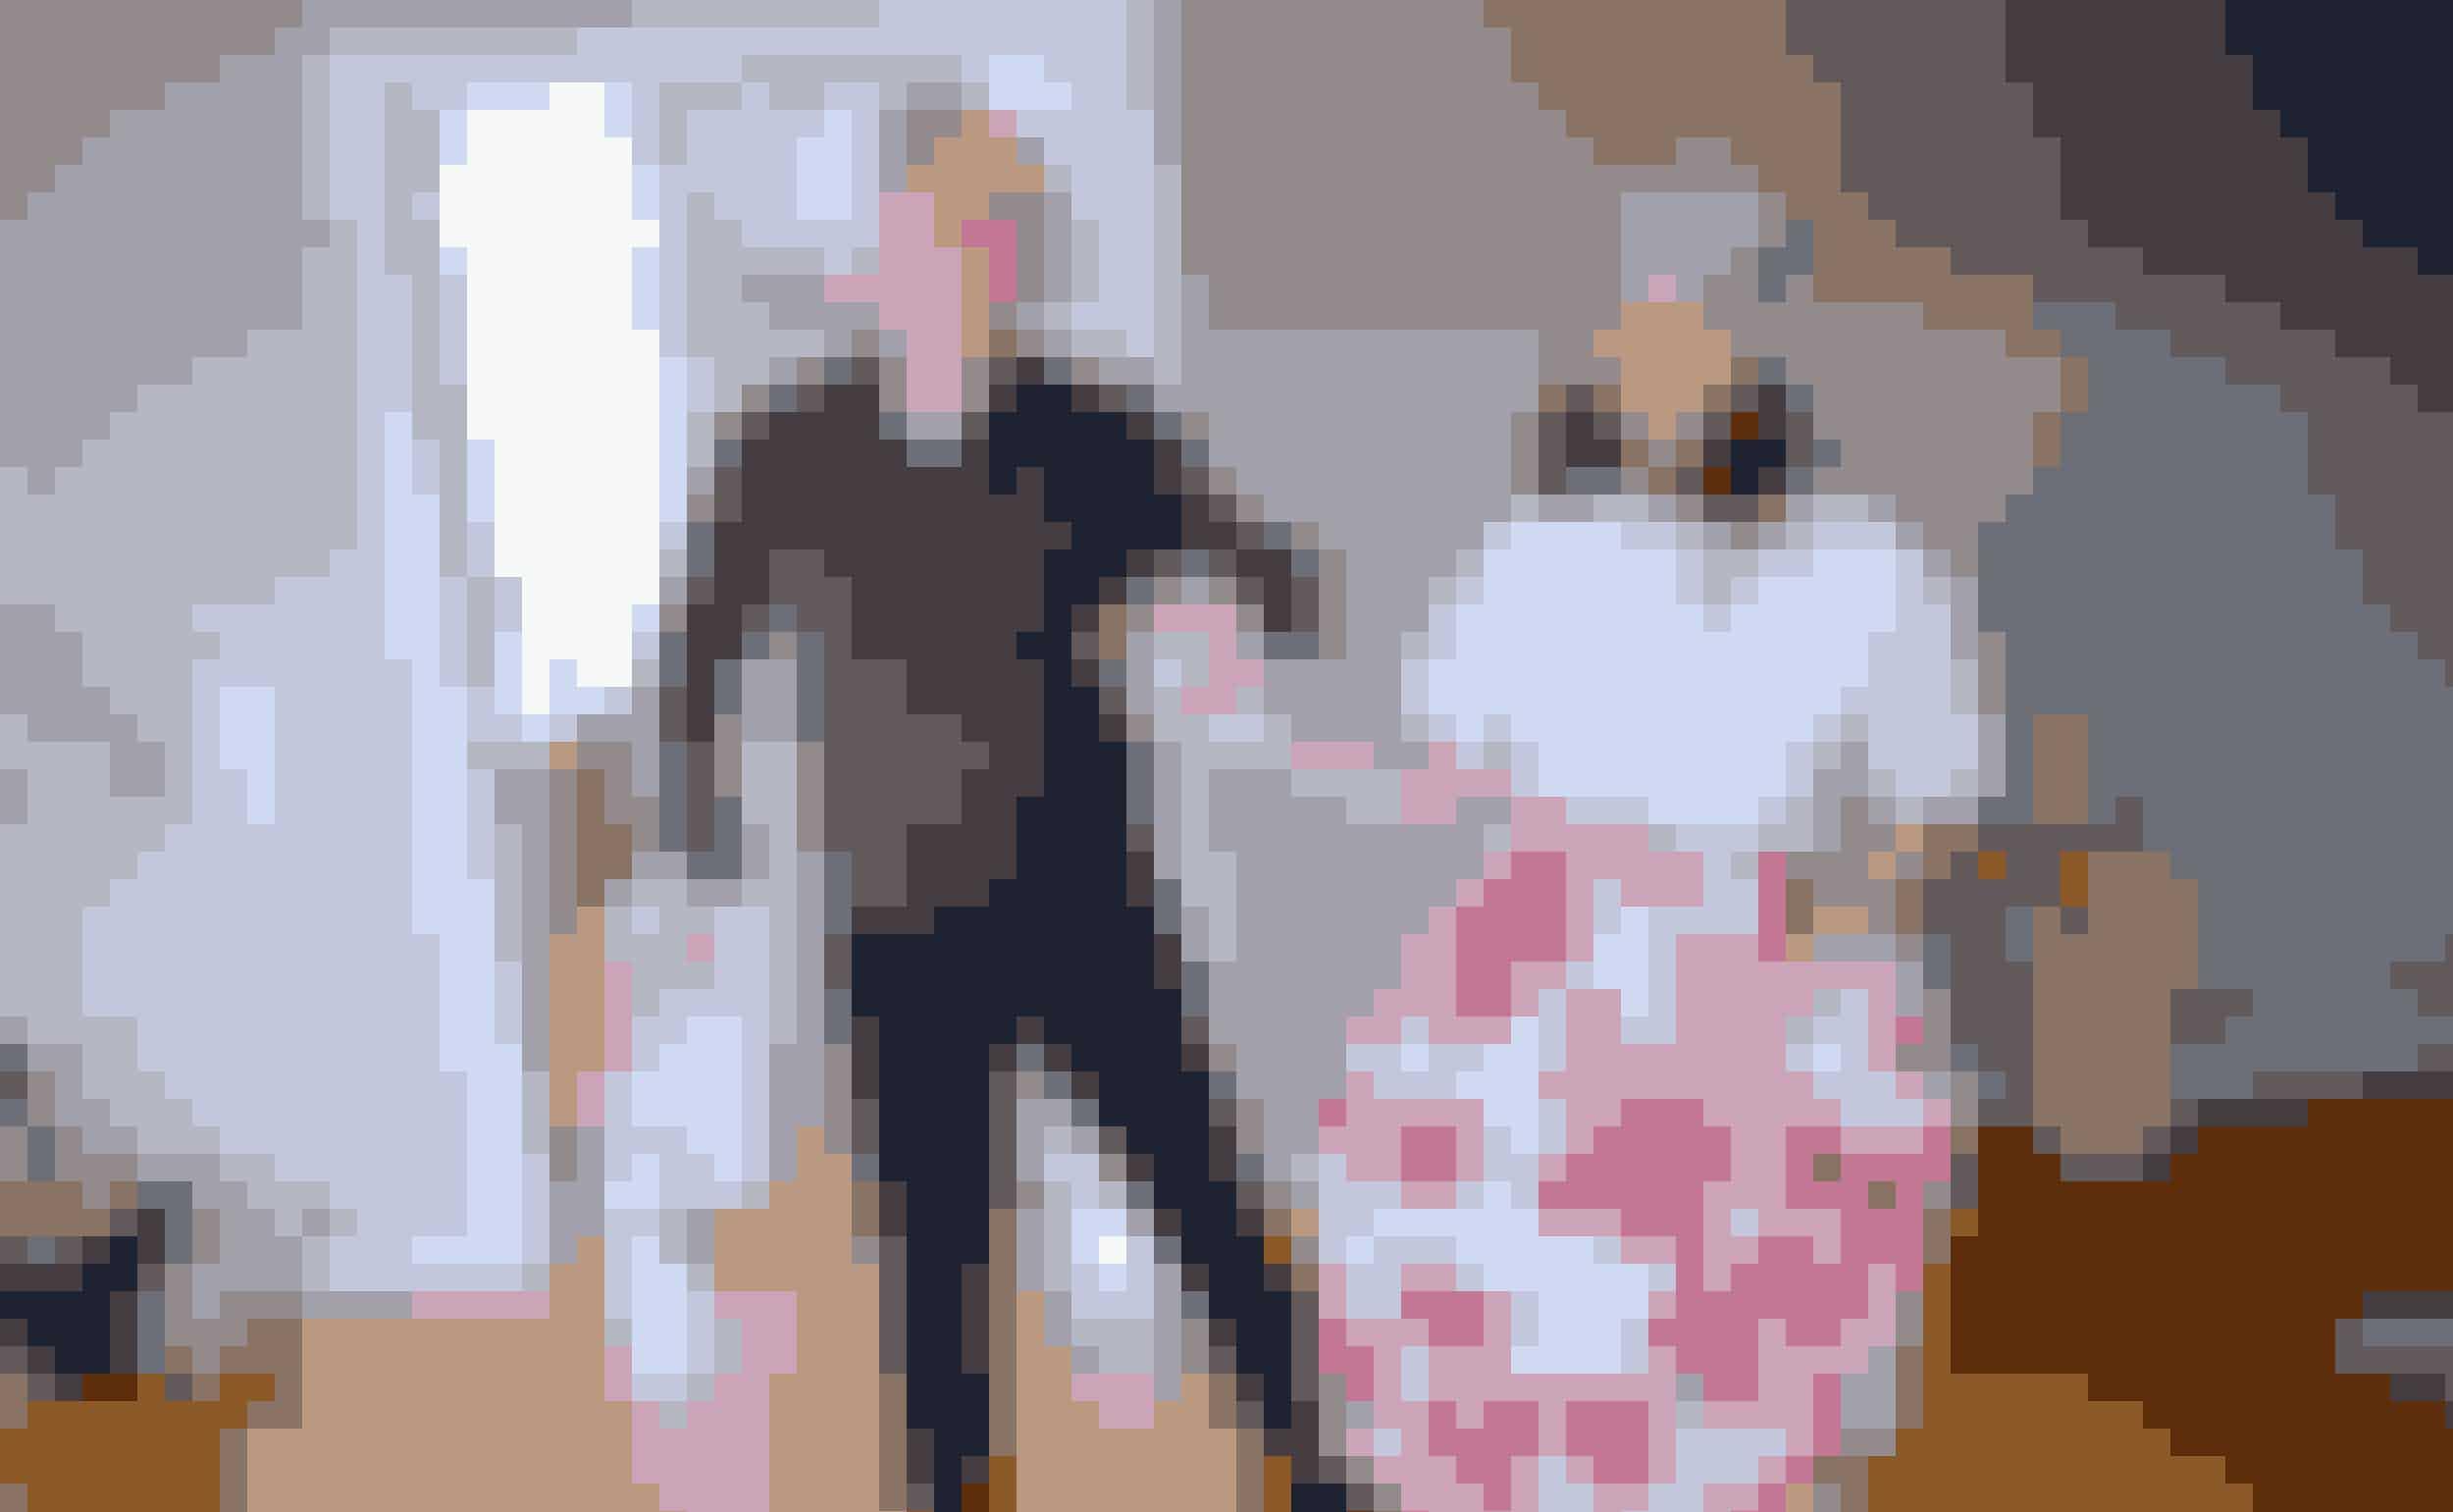 Izabella og manden Janne mødte hinanden til en dansetime, og stuegulvet i deres fælles hjem bliver ofte forvandlet til dansegulv.